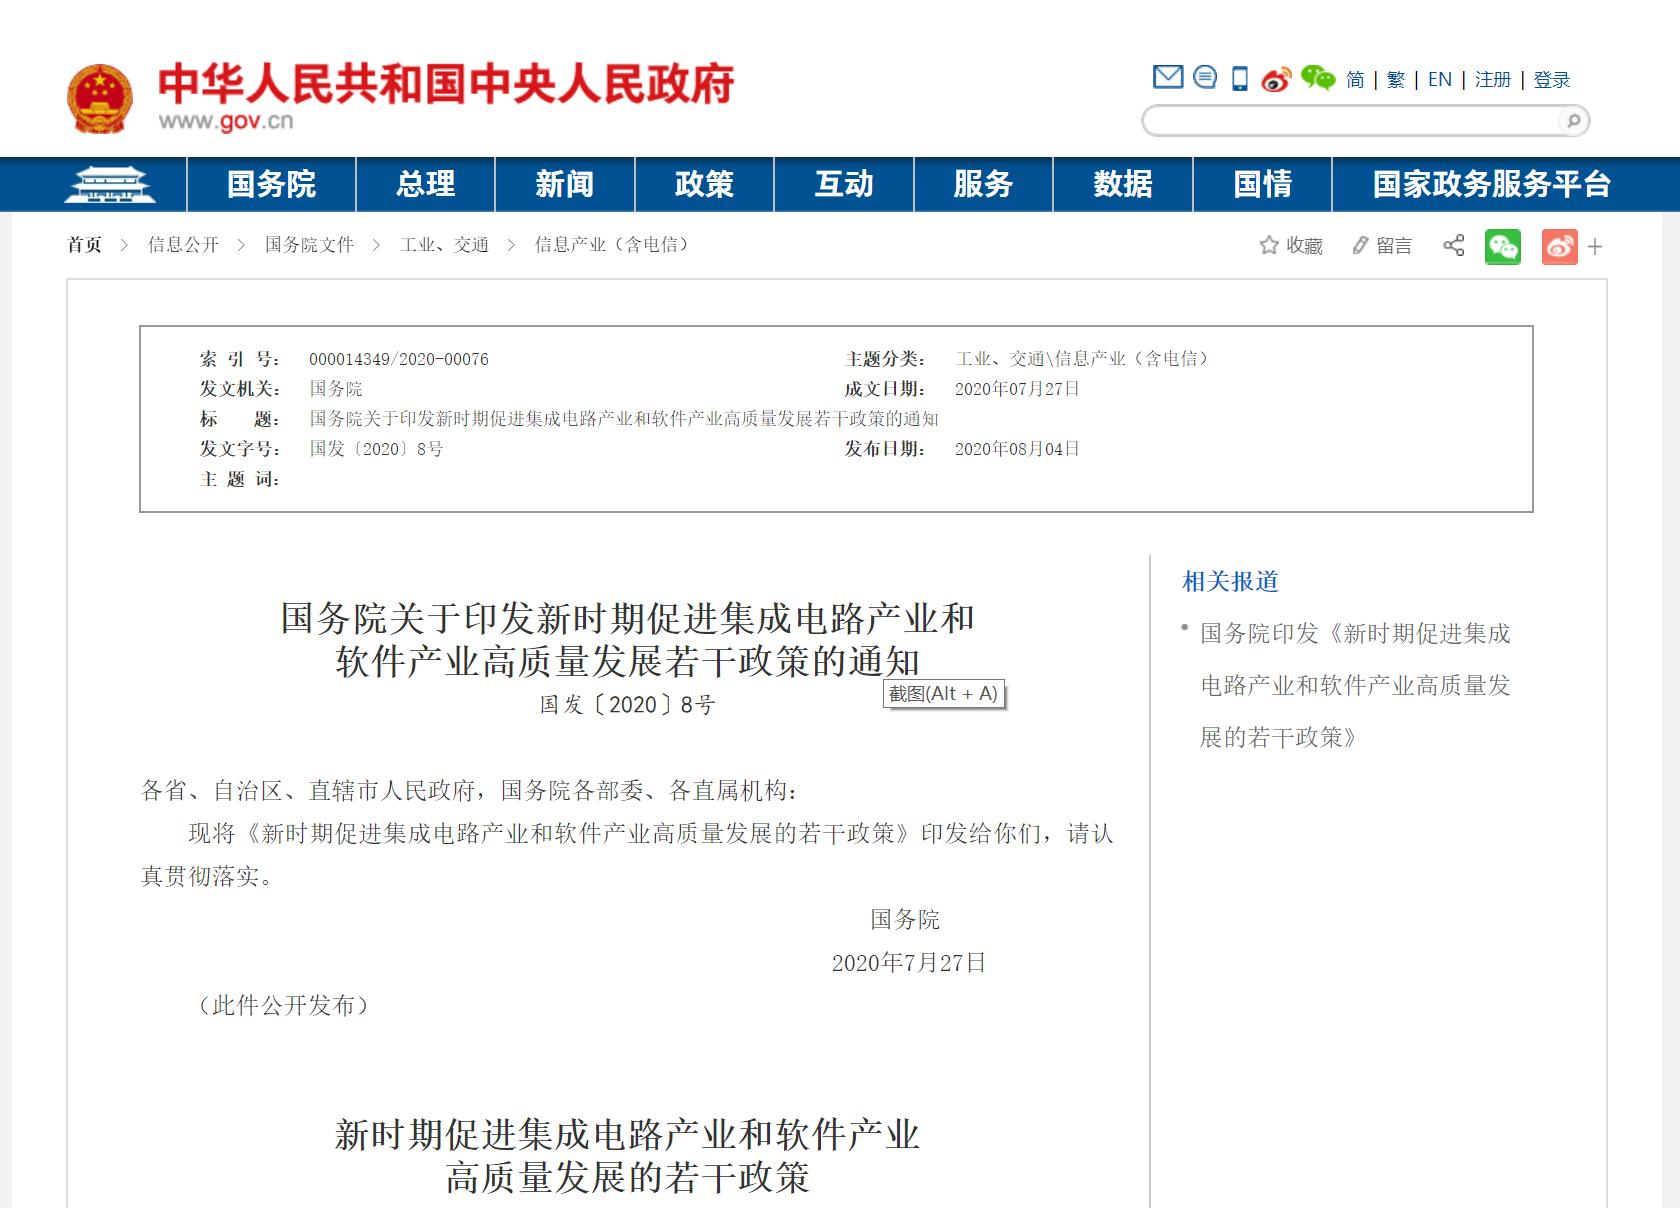 """国务院印发""""新时期促进集成电路产业和软件产业高质量发展若干政策""""中国软件获得蓬勃发展契机"""